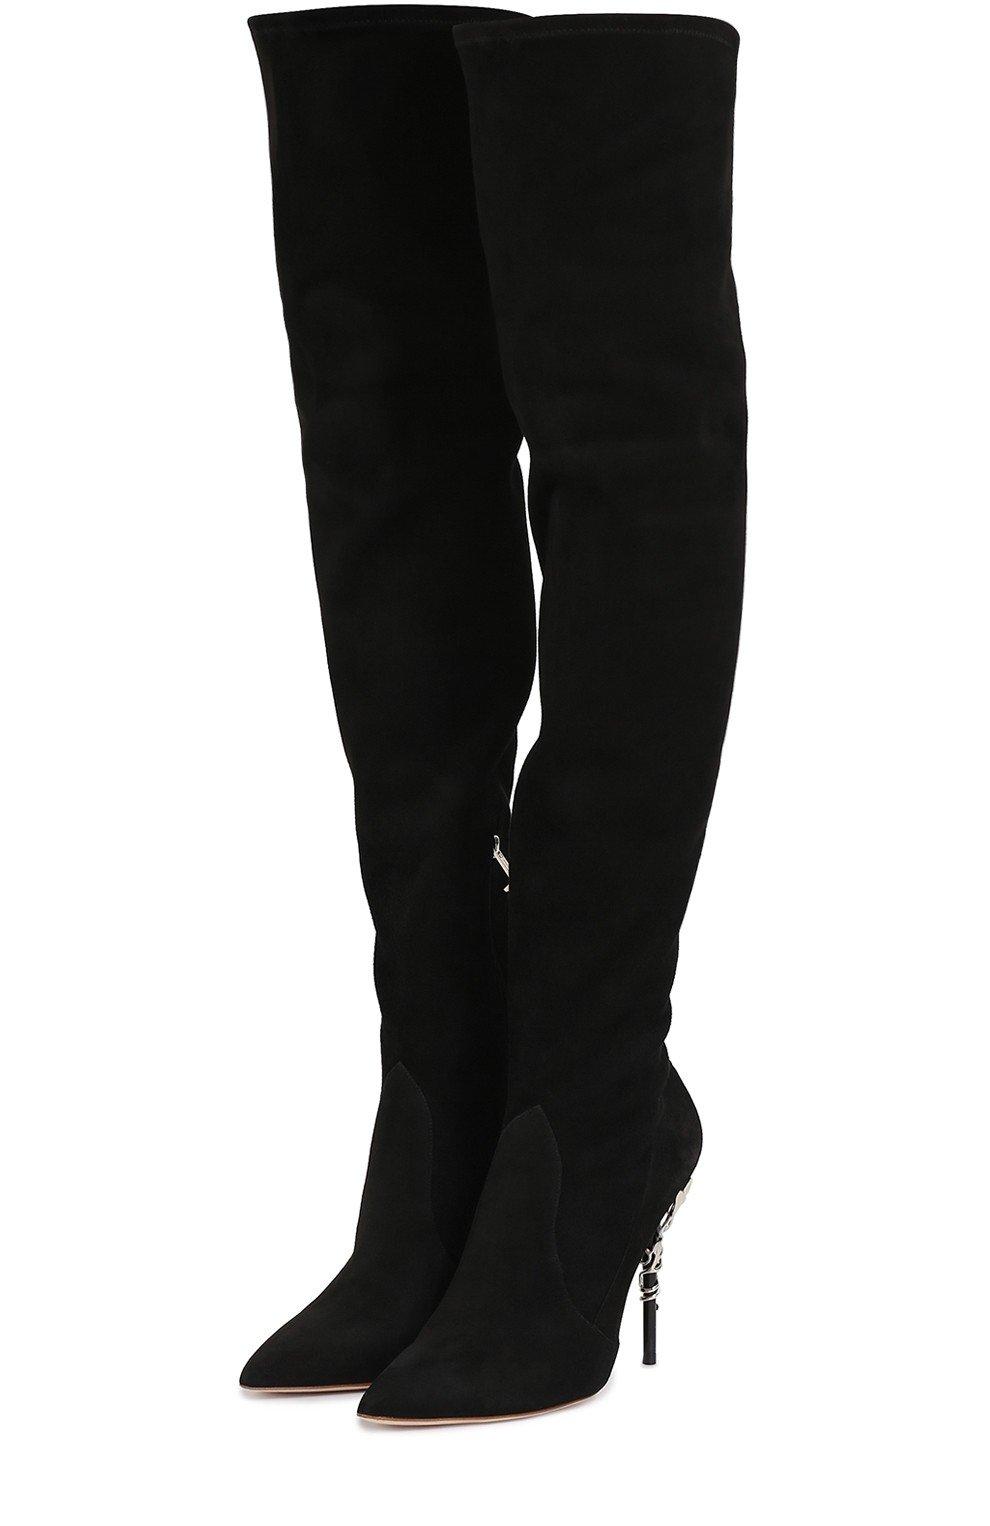 черные замшевые ботфорты на шпильке модные сапоги весны 2018 высокие